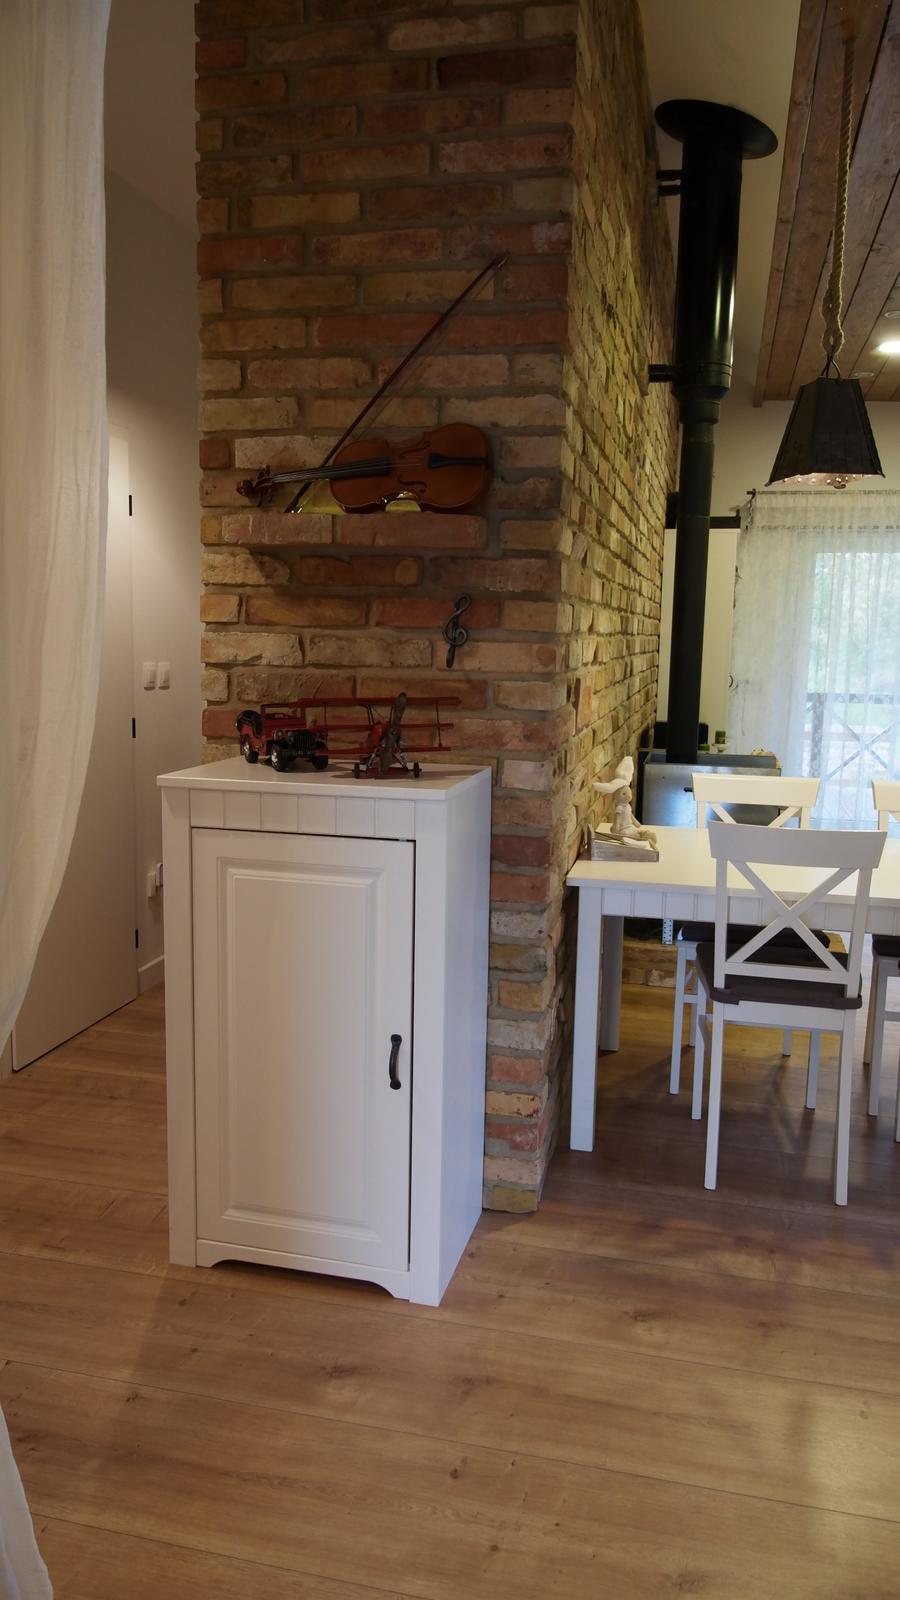 Náš domček ♡ Bramasole ♡ ... Stilo interiér aj exteriér 3. rok bývania - Obrázok č. 7